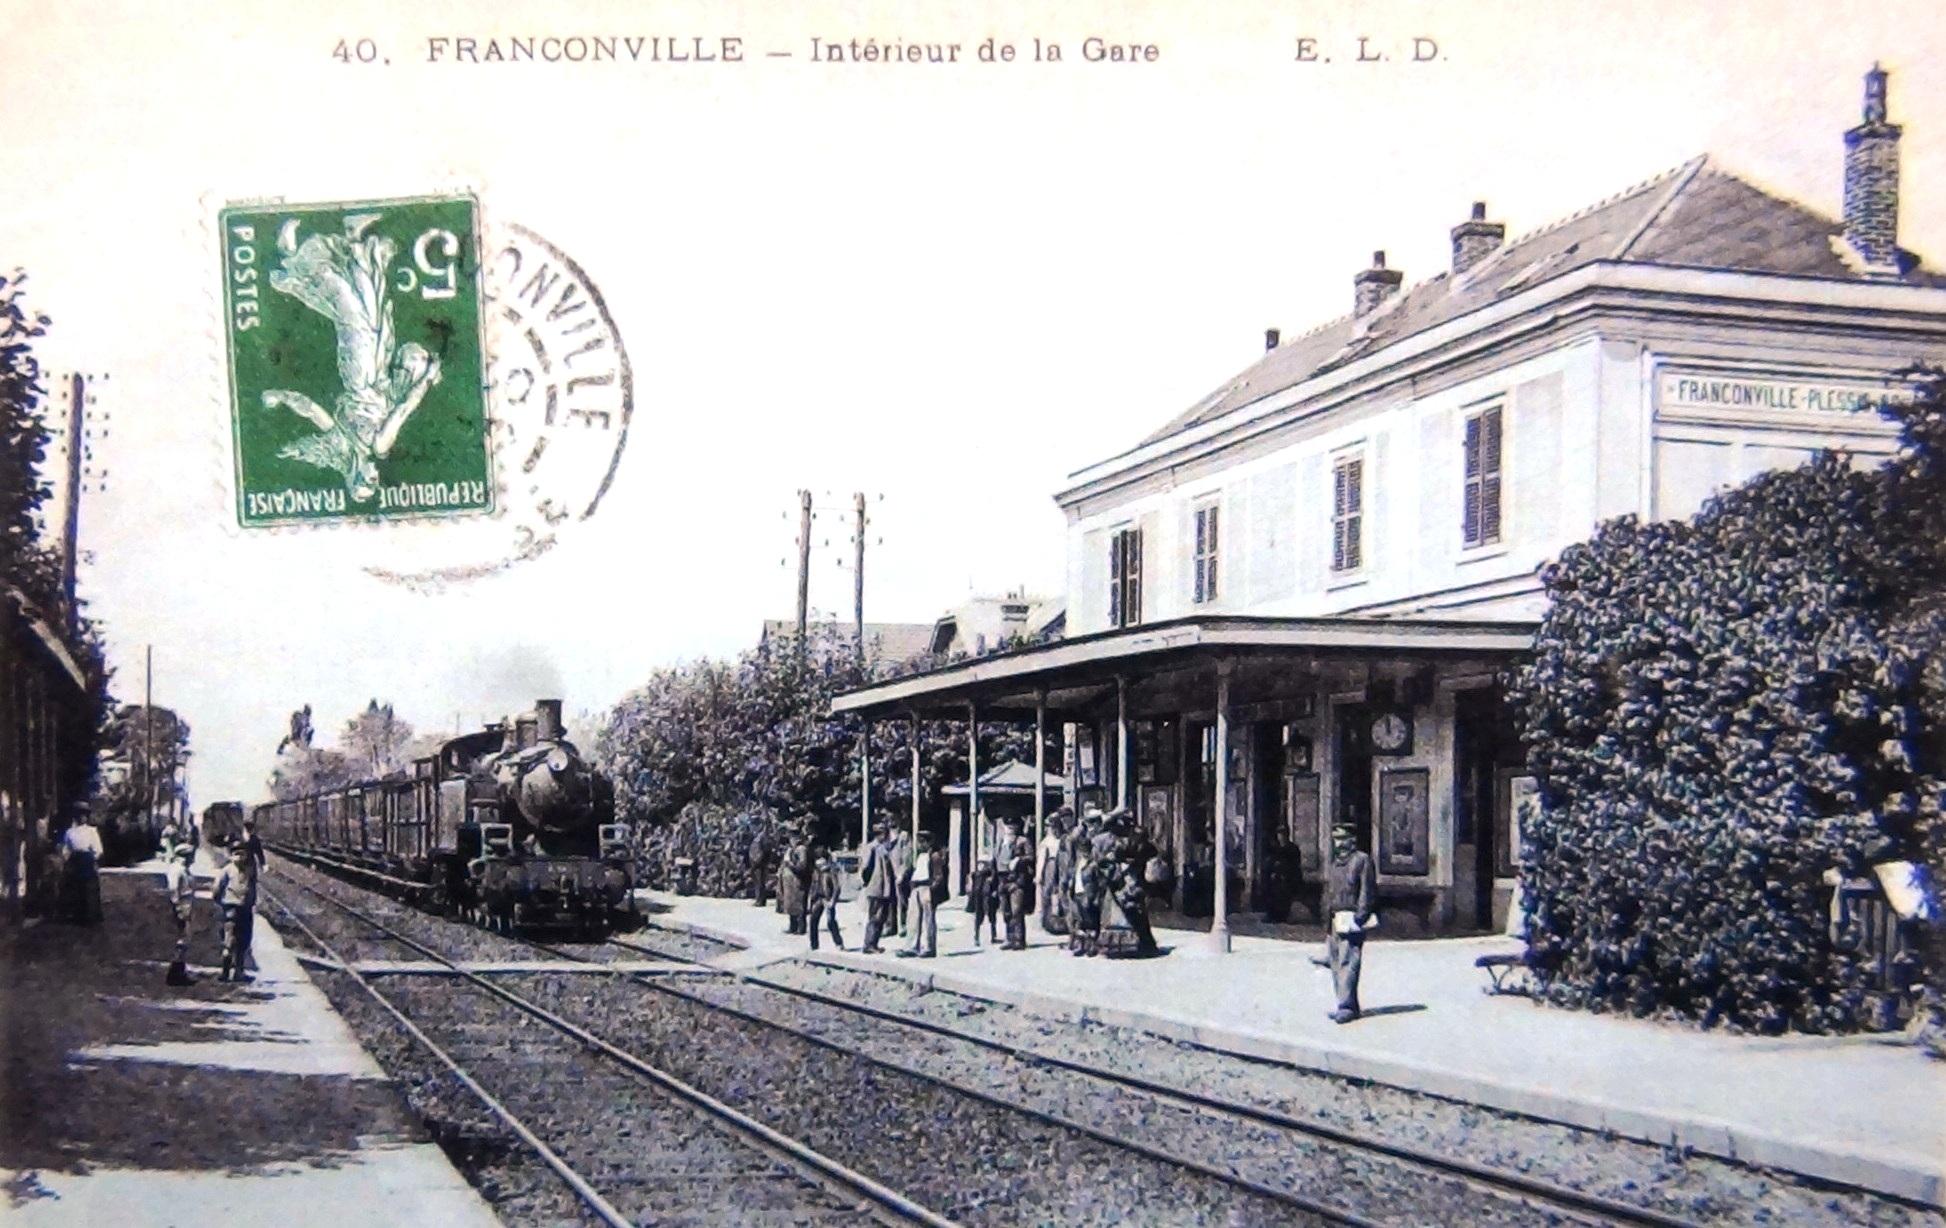 Chat francophone gratuit sans inscription